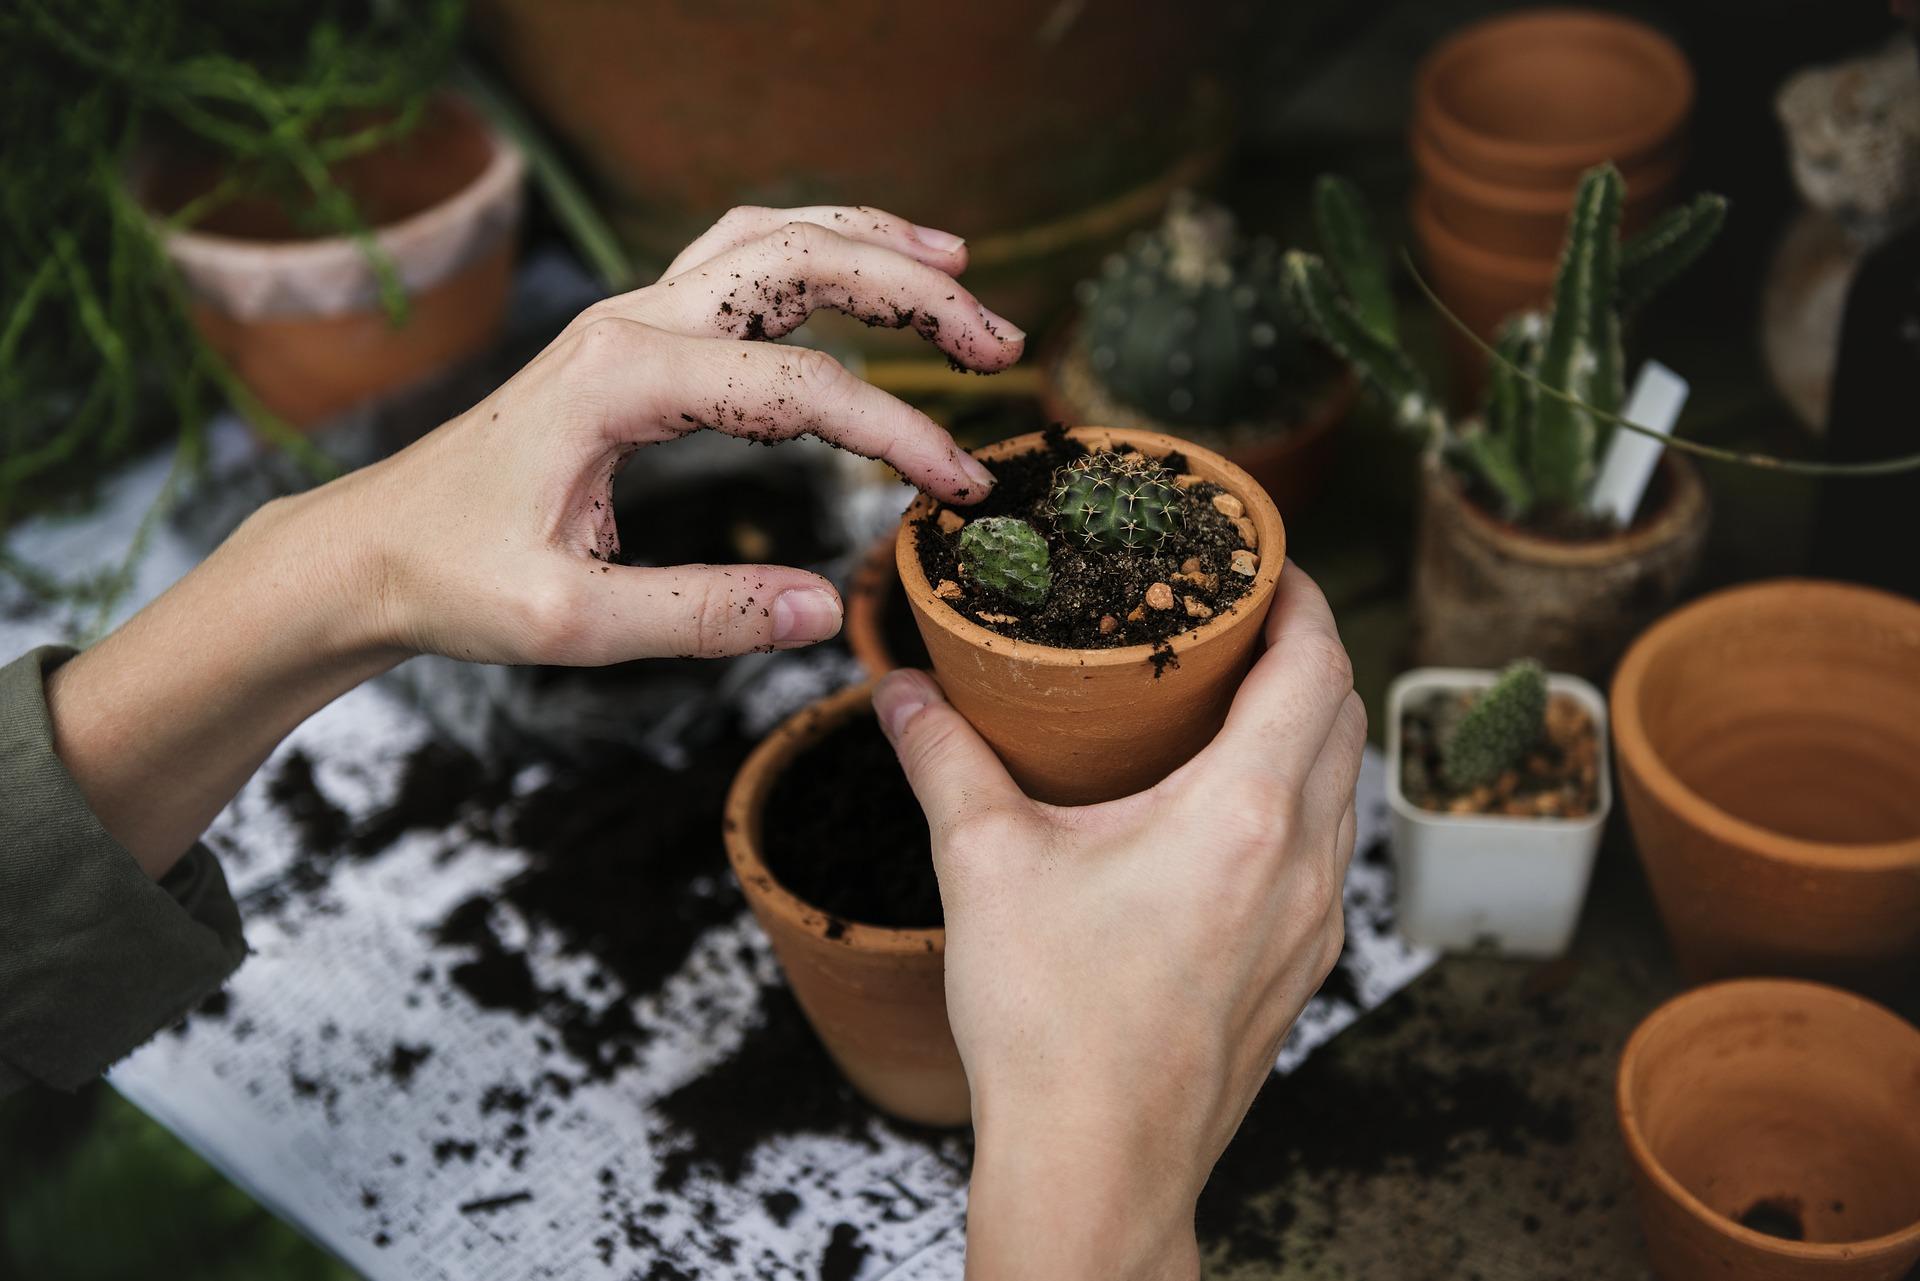 Plantsome, when nature calls